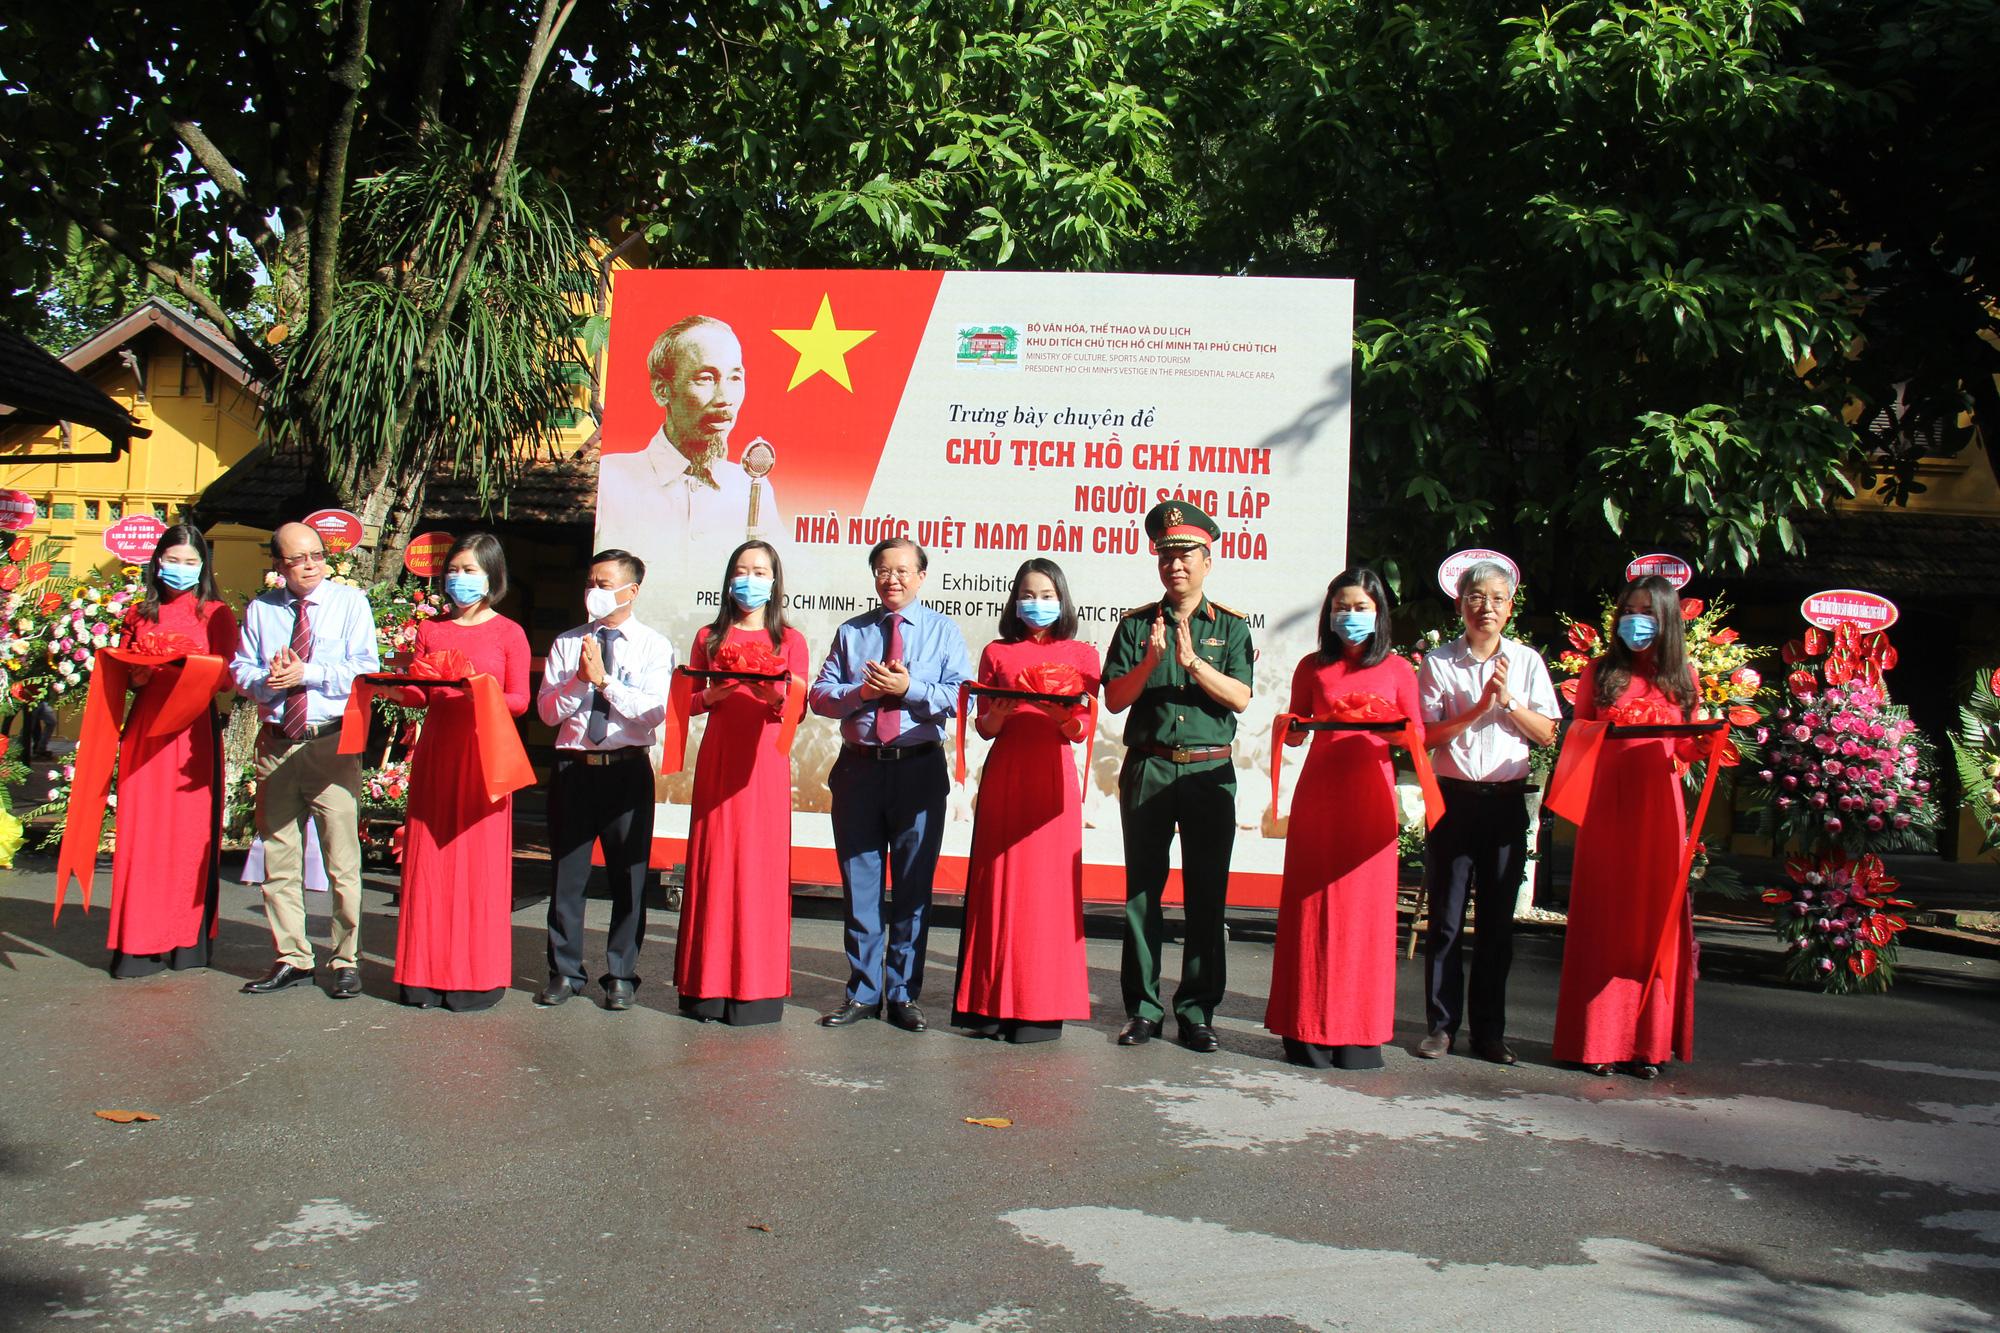 Khai mạc Trưng bày chuyên đề Chủ tịch Hồ Chí Minh- người sáng lập Nhà nước Việt Nam Dân Chủ Cộng Hòa - Ảnh 1.